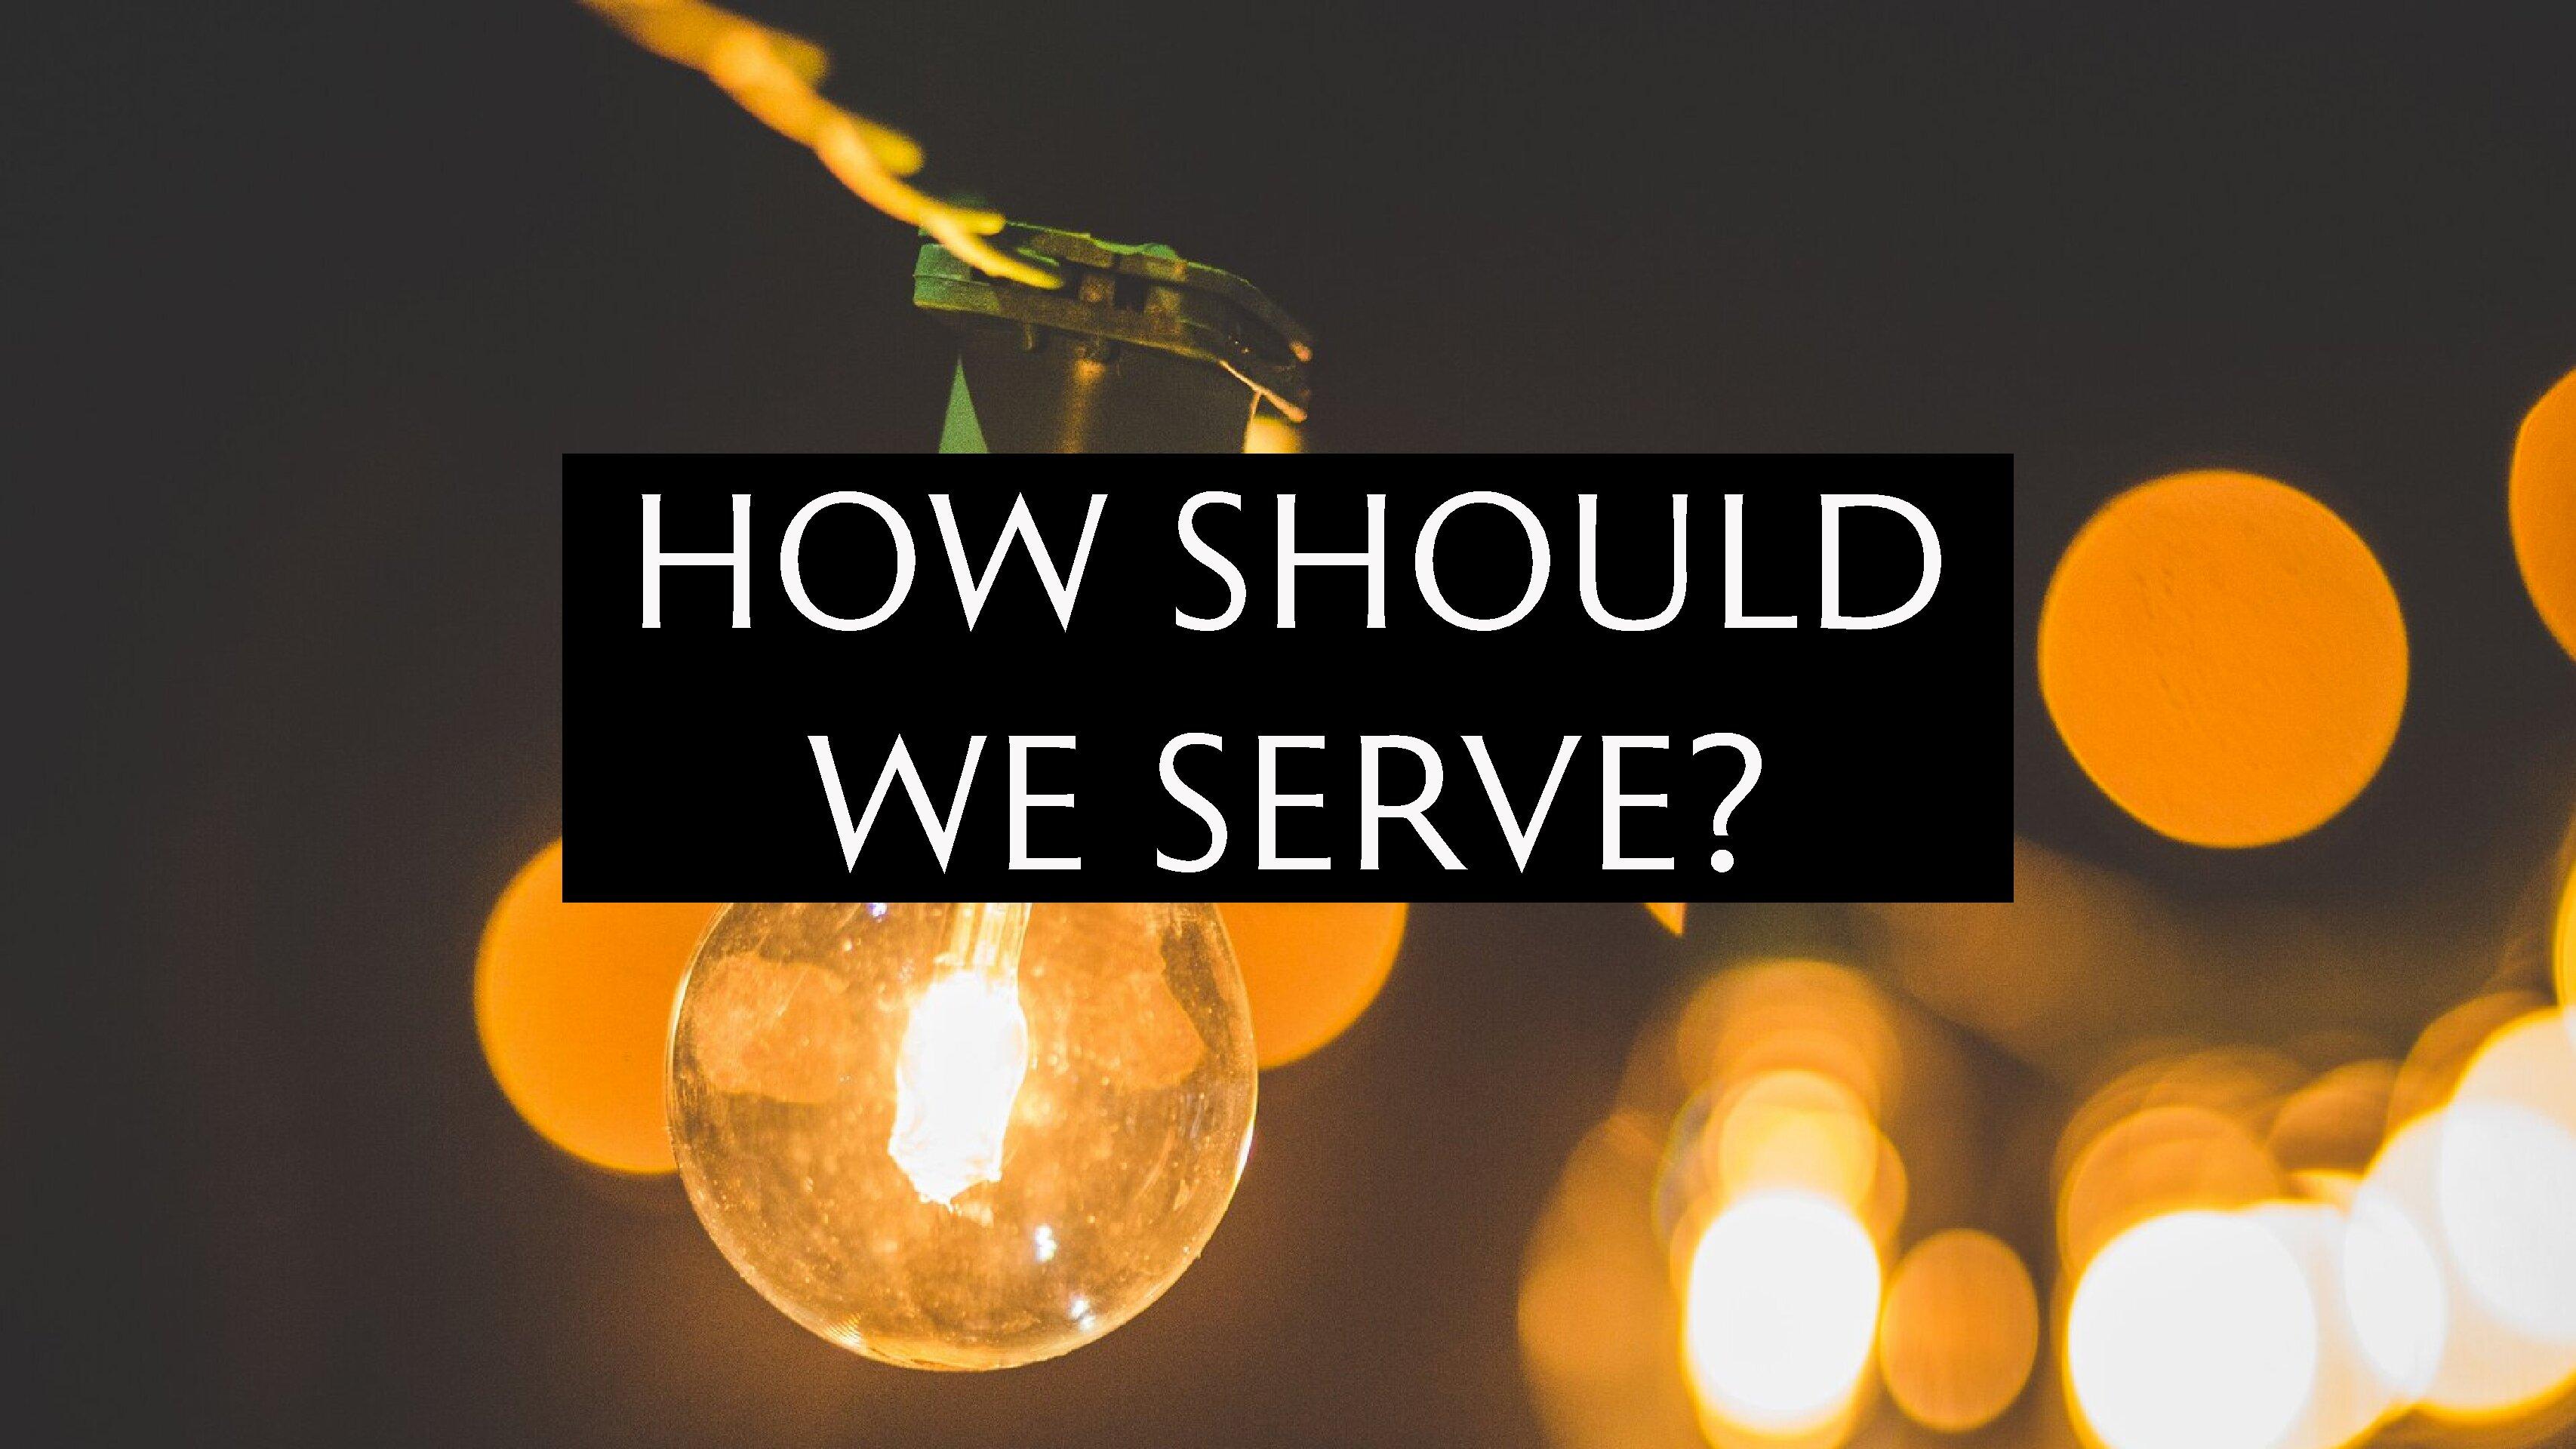 How Should We Serve?